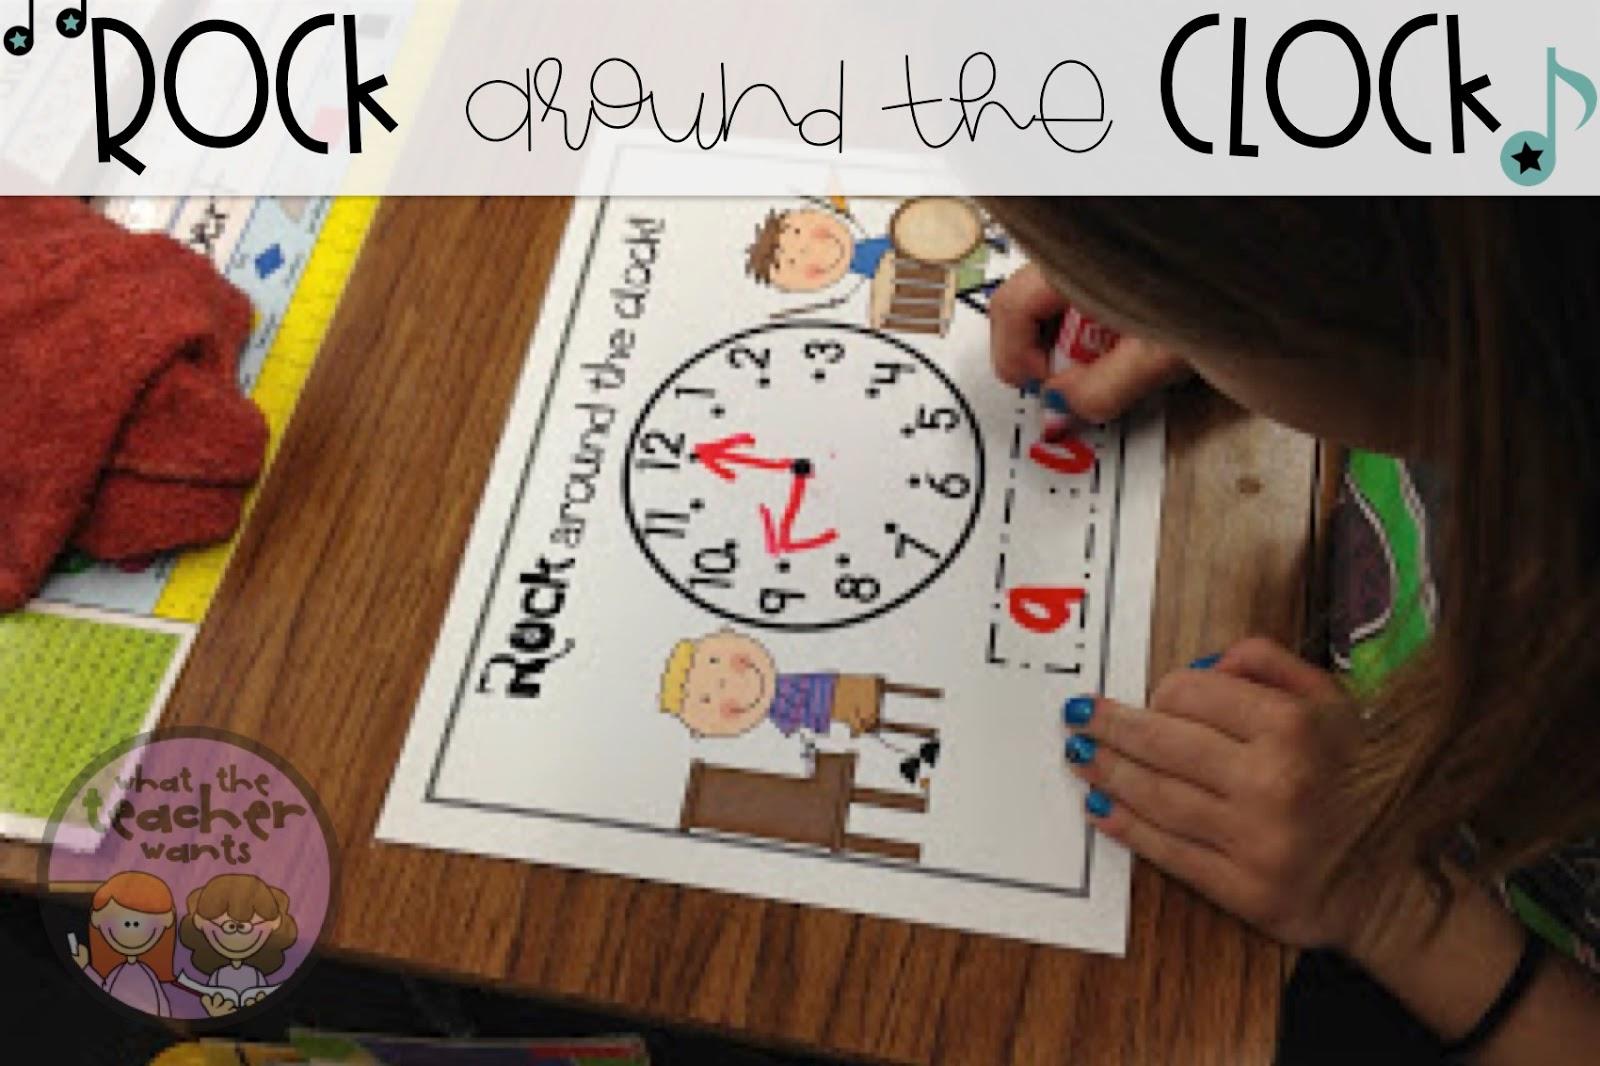 What The Teacher Wants Math Tub Time